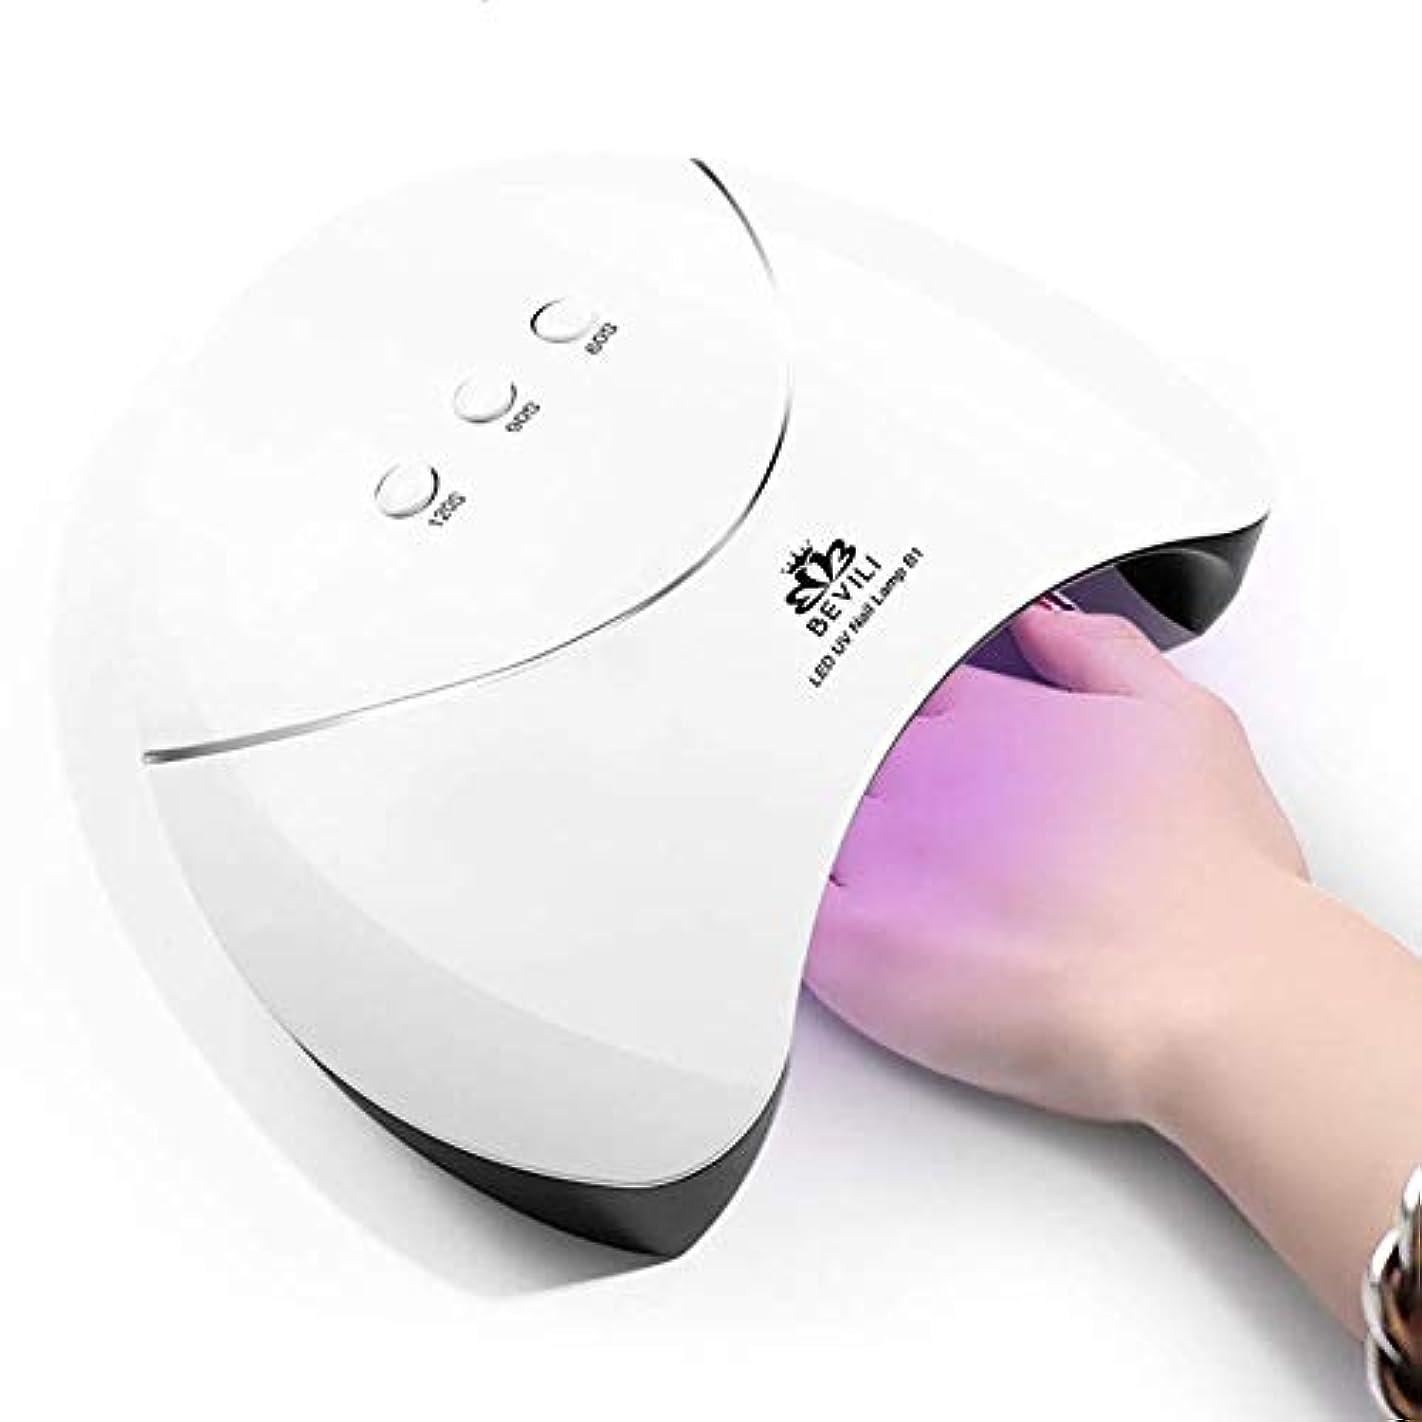 注入するぬるい主要な爪の光線療法機械36Wスマートな誘導はドライヤーのマニキュアの光線療法の処置のベイクライトを導きました